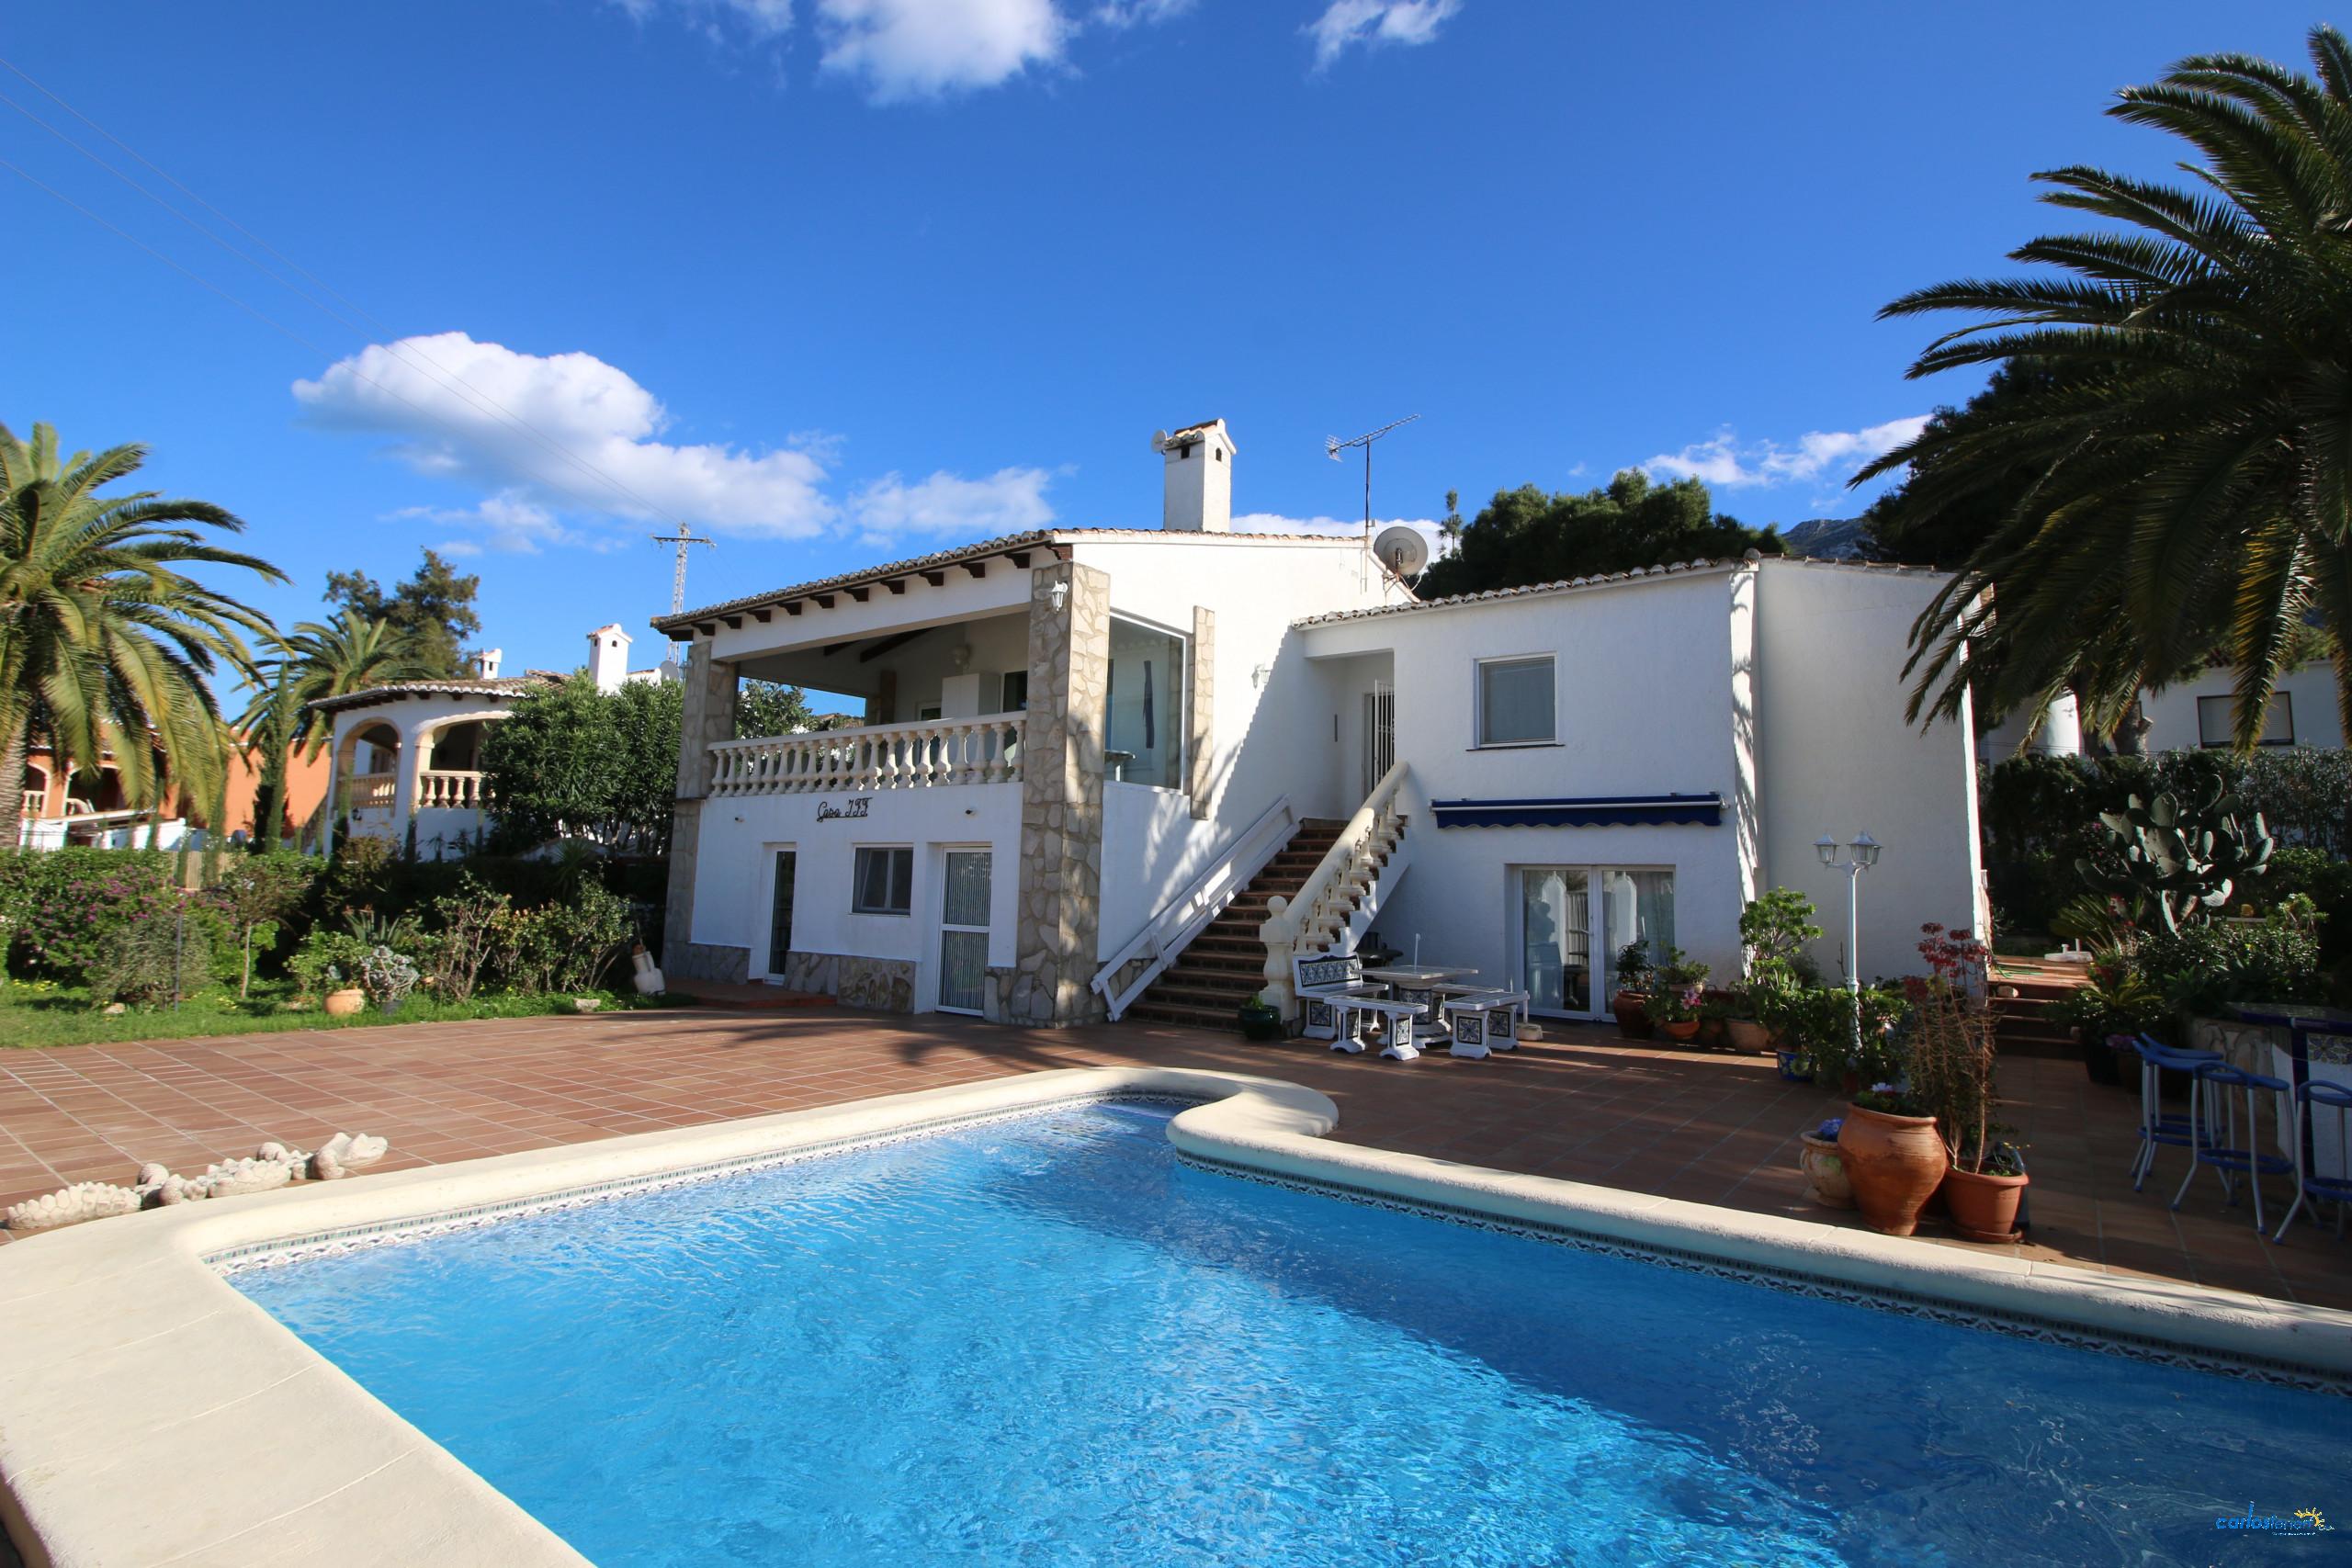 Villa/Dettached house in Denia - Alqueria BB 4 Pers